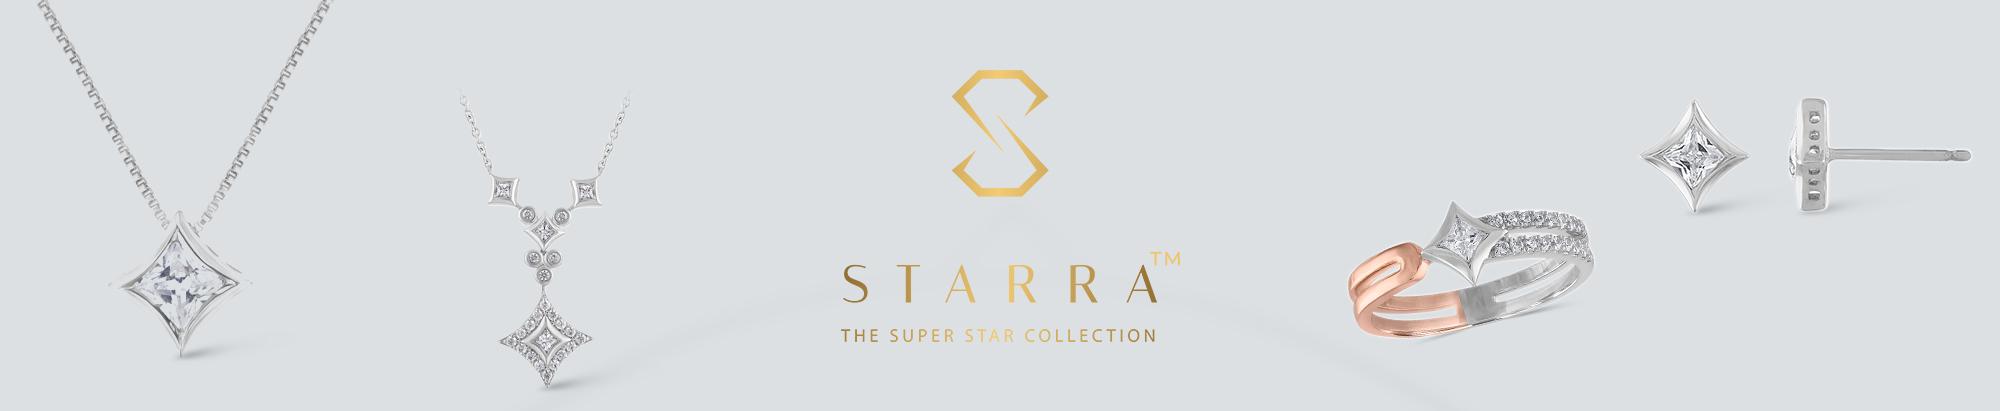 STARRA-1.jpg